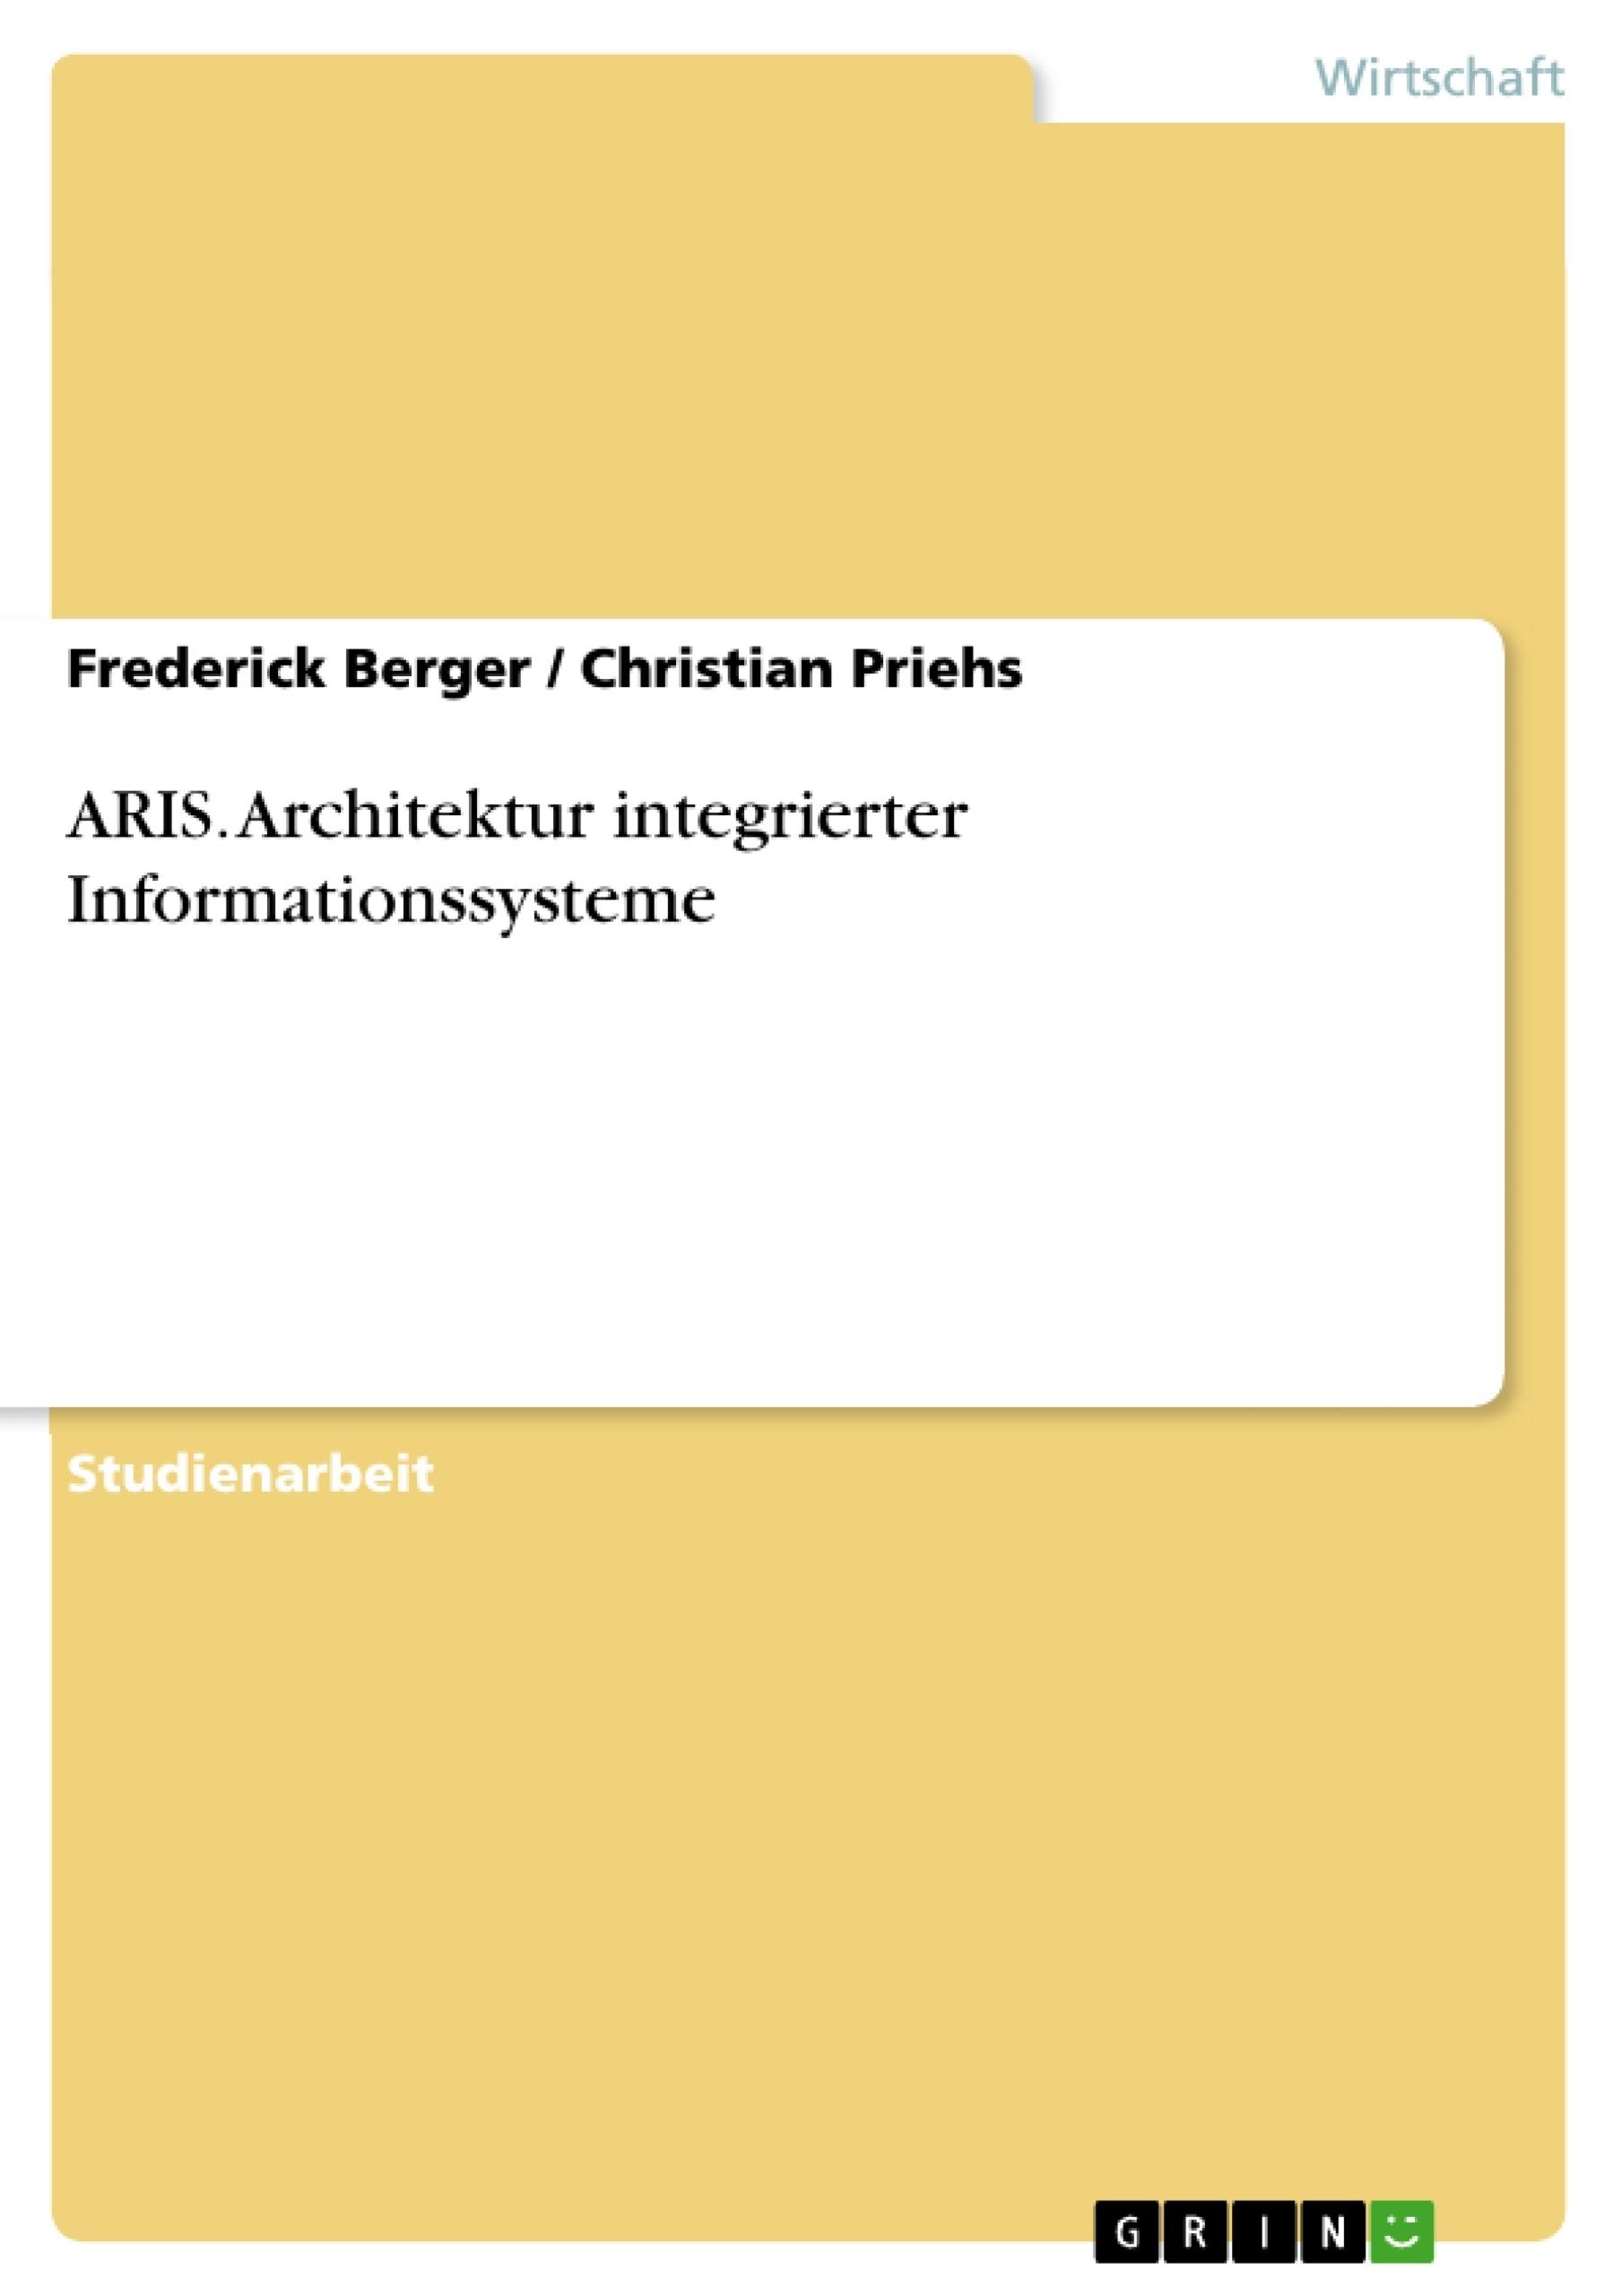 Titel: ARIS. Architektur integrierter Informationssysteme